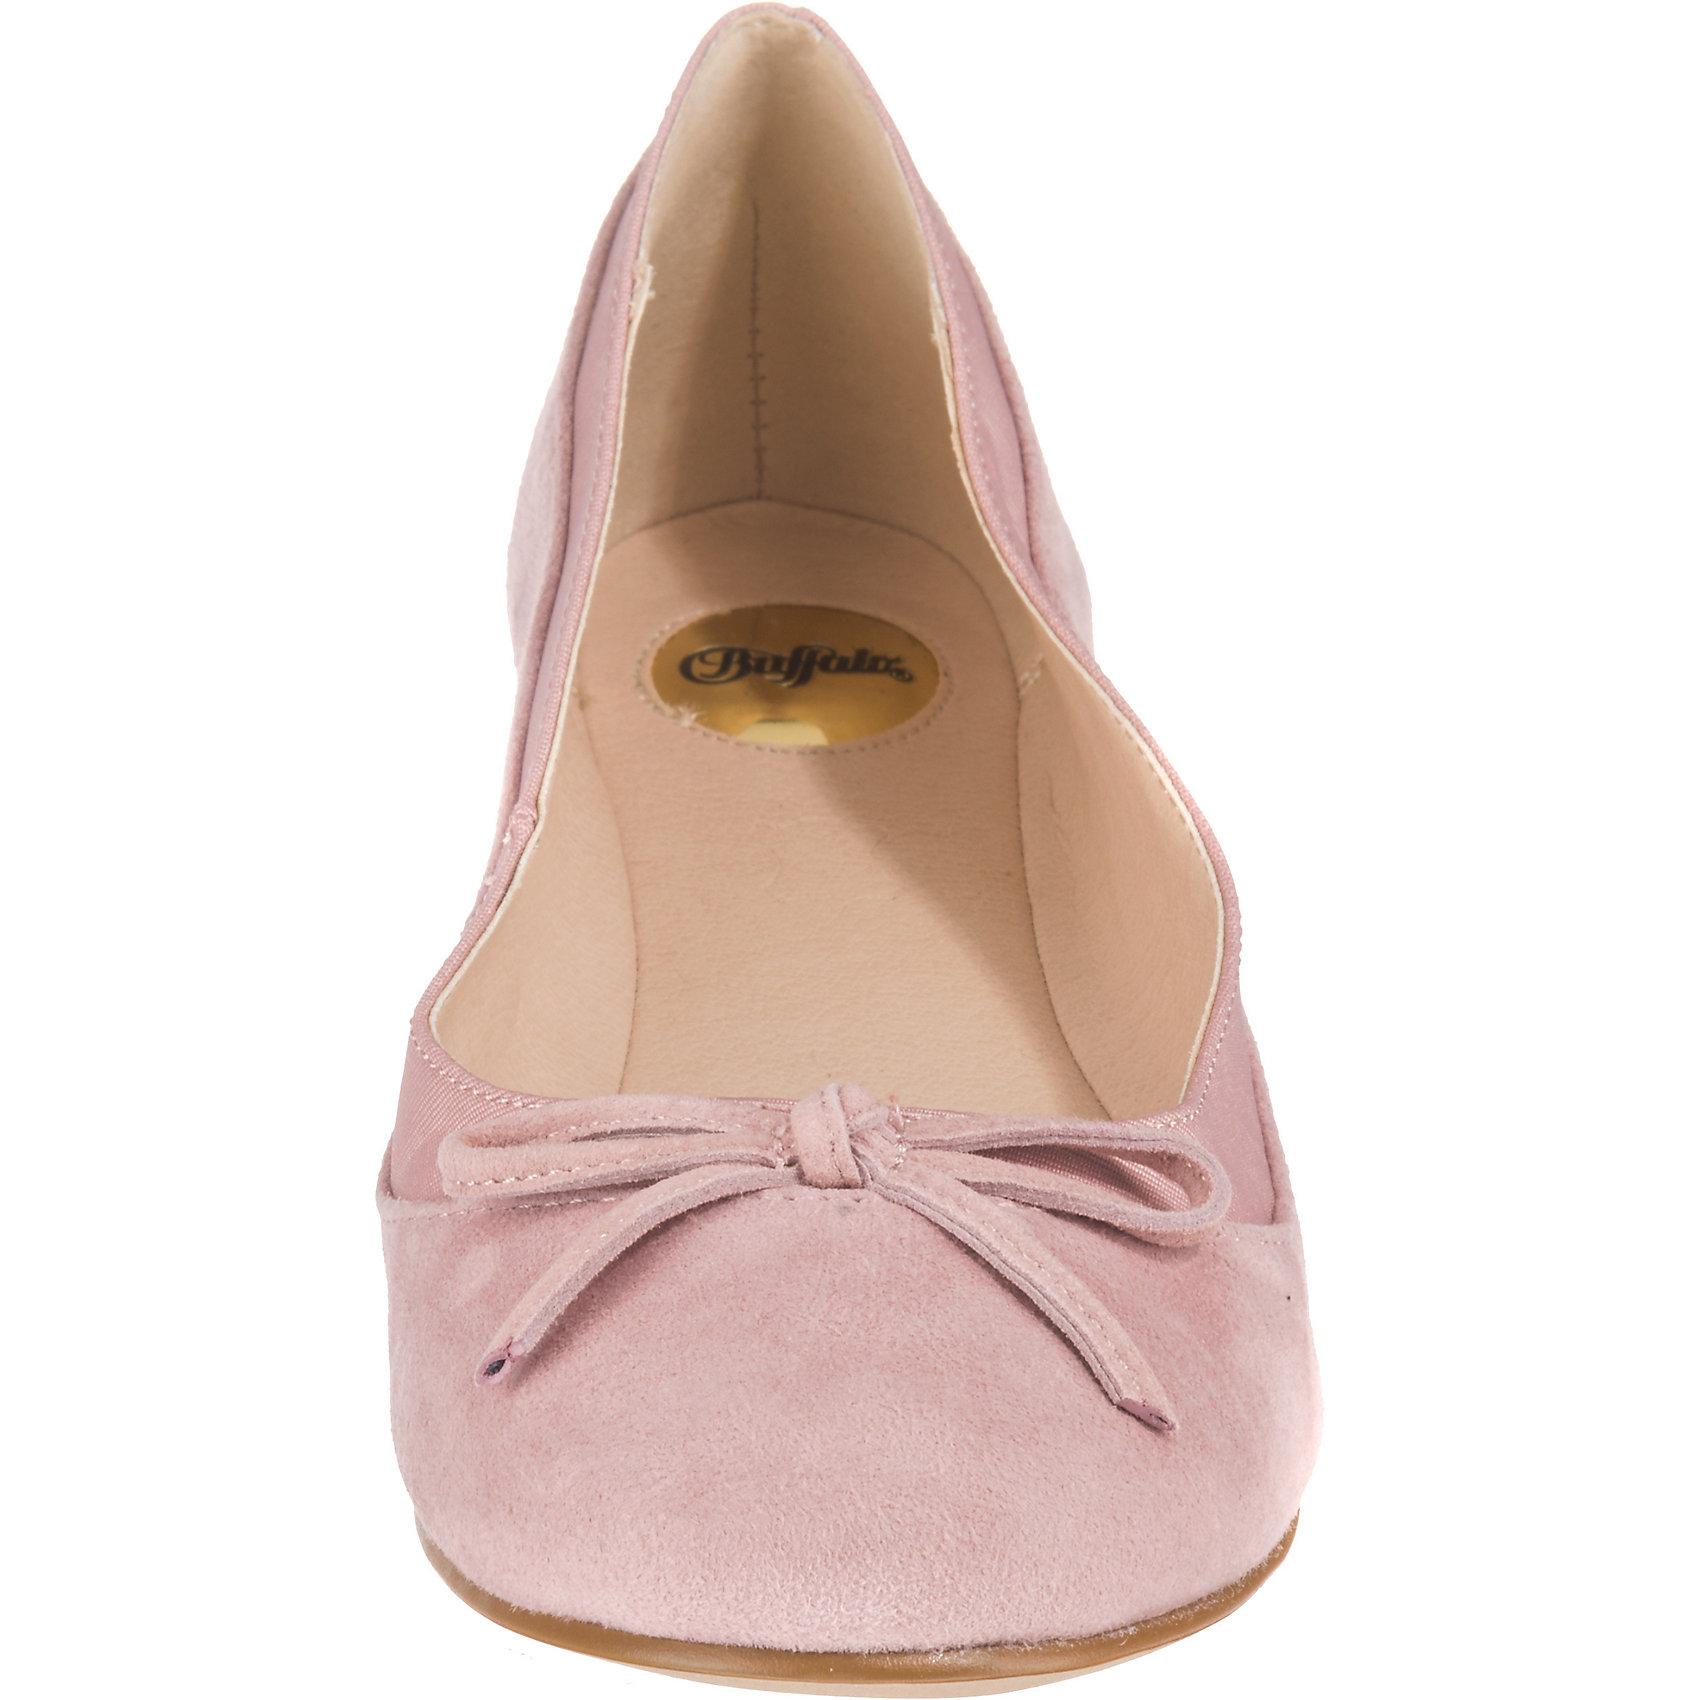 Details zu Neu BUFFALO Annelie Klassische Ballerinas 10438295 für Damen